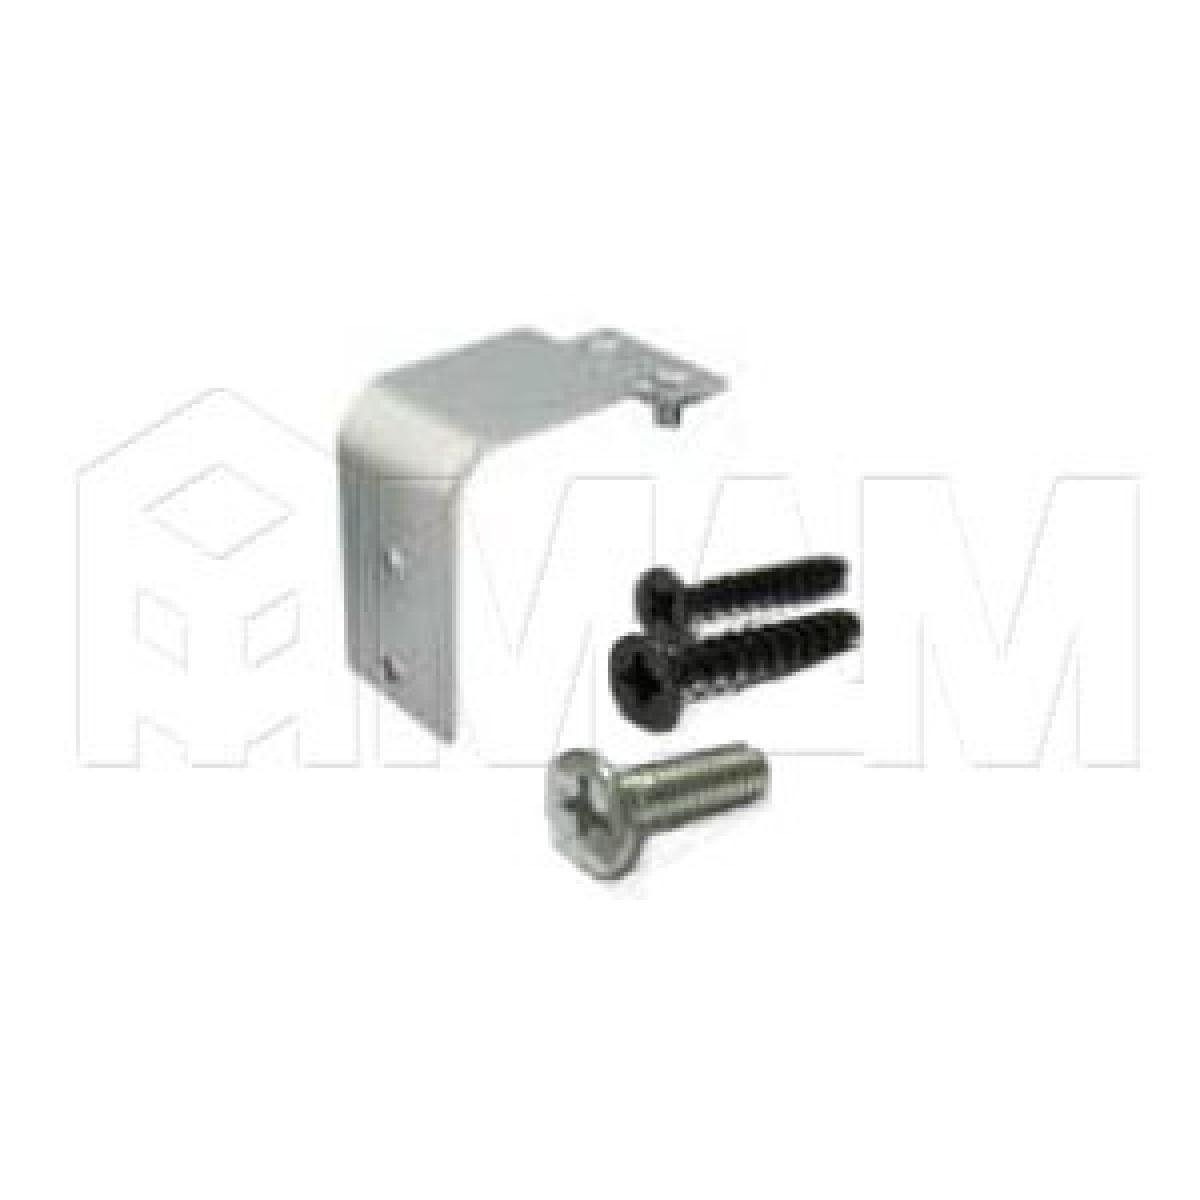 Softspace двухстор. крепление для внешн. двери до 48 мм + компл. винтов и саморезов